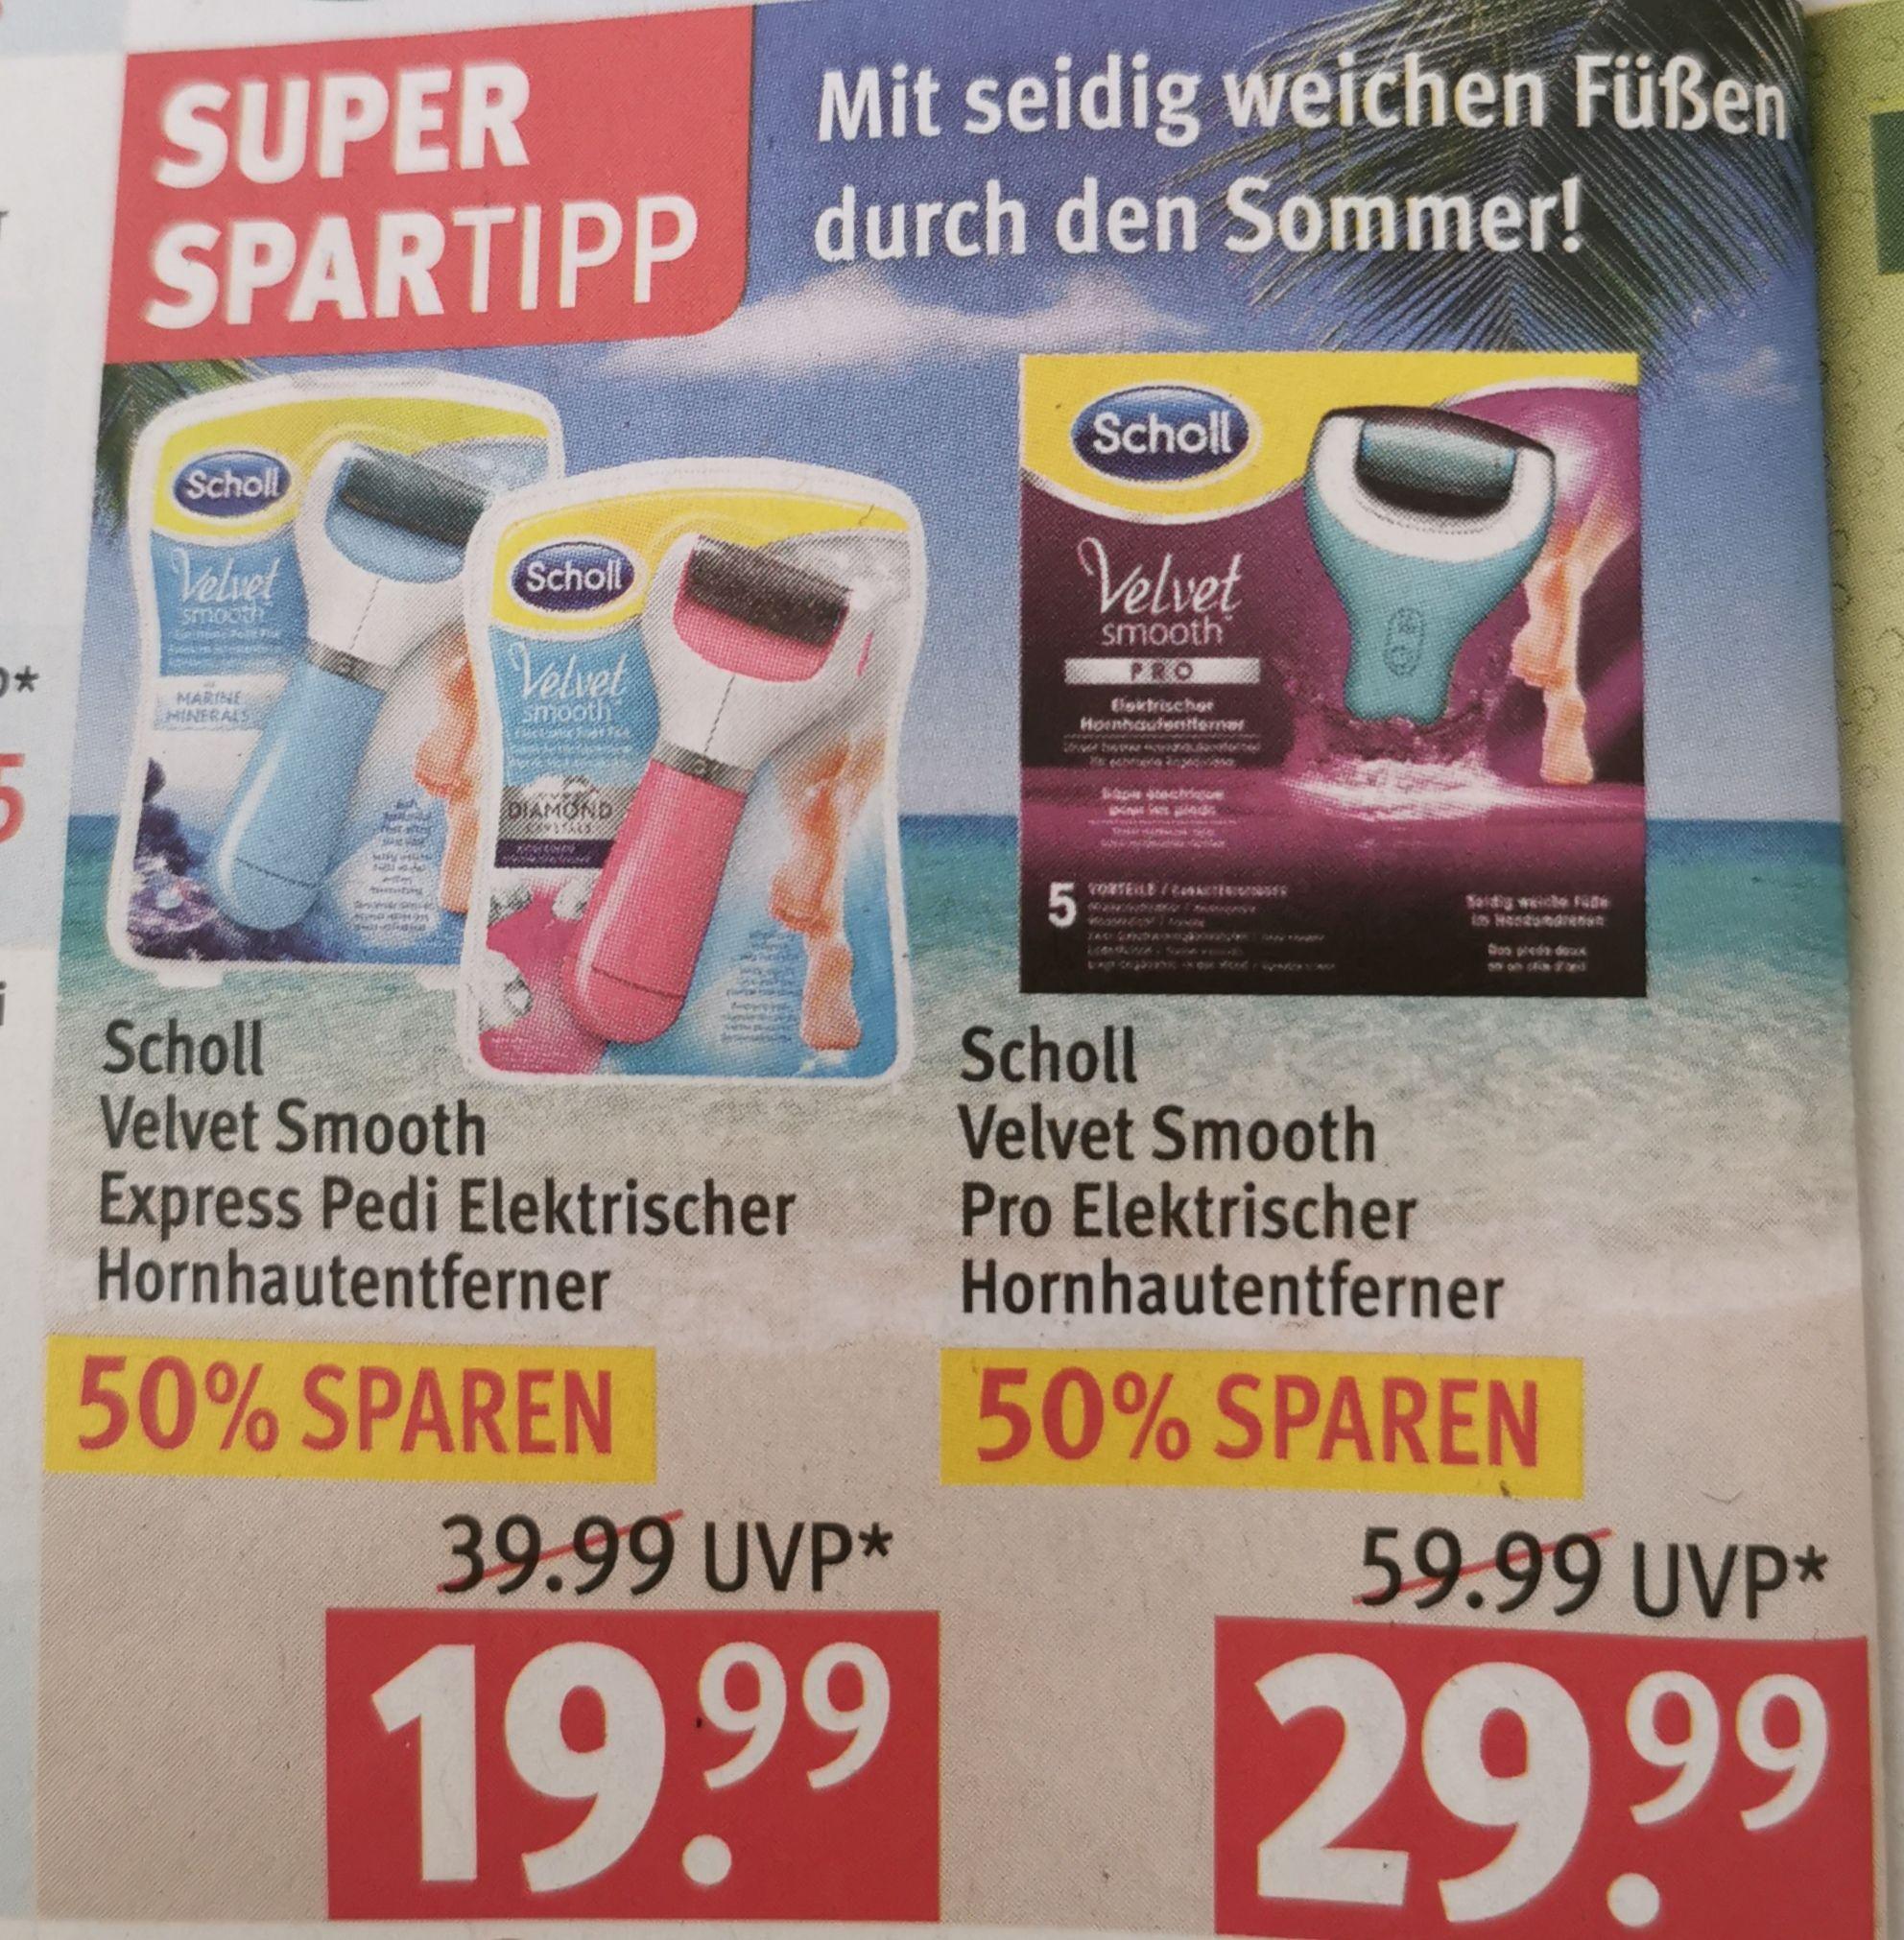 Scholl Velvet Smooth Express für 17,99 € oder Scholl Velvet Smooth Pro für 26,99 € ab 17.06 [Rossmann]